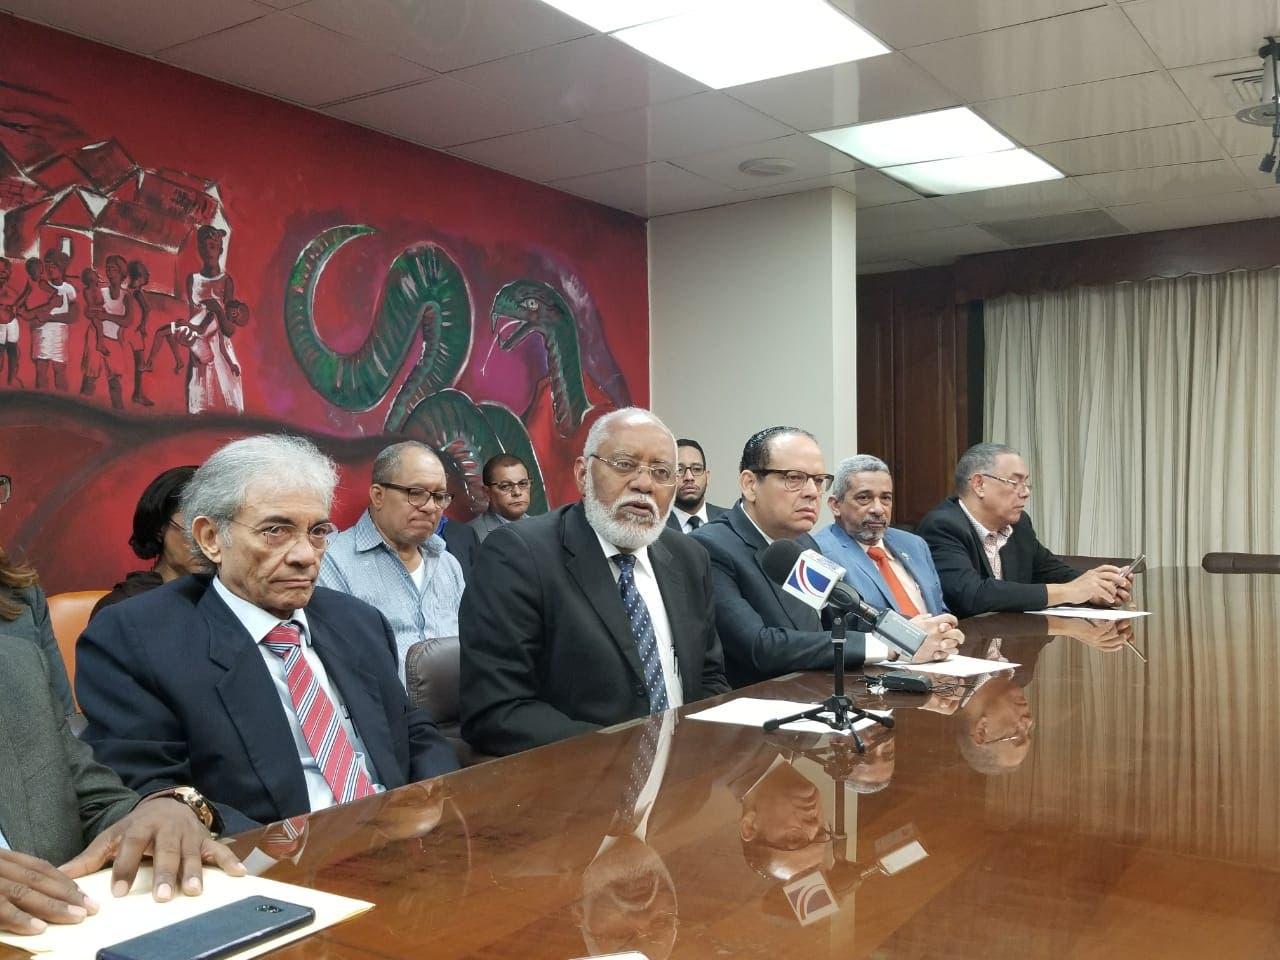 Wilson Roa, presidente del gremio médico, dijo que un primer paro afectará a una de las tres principales ARS del país, pero luego se extenderá a las otras.